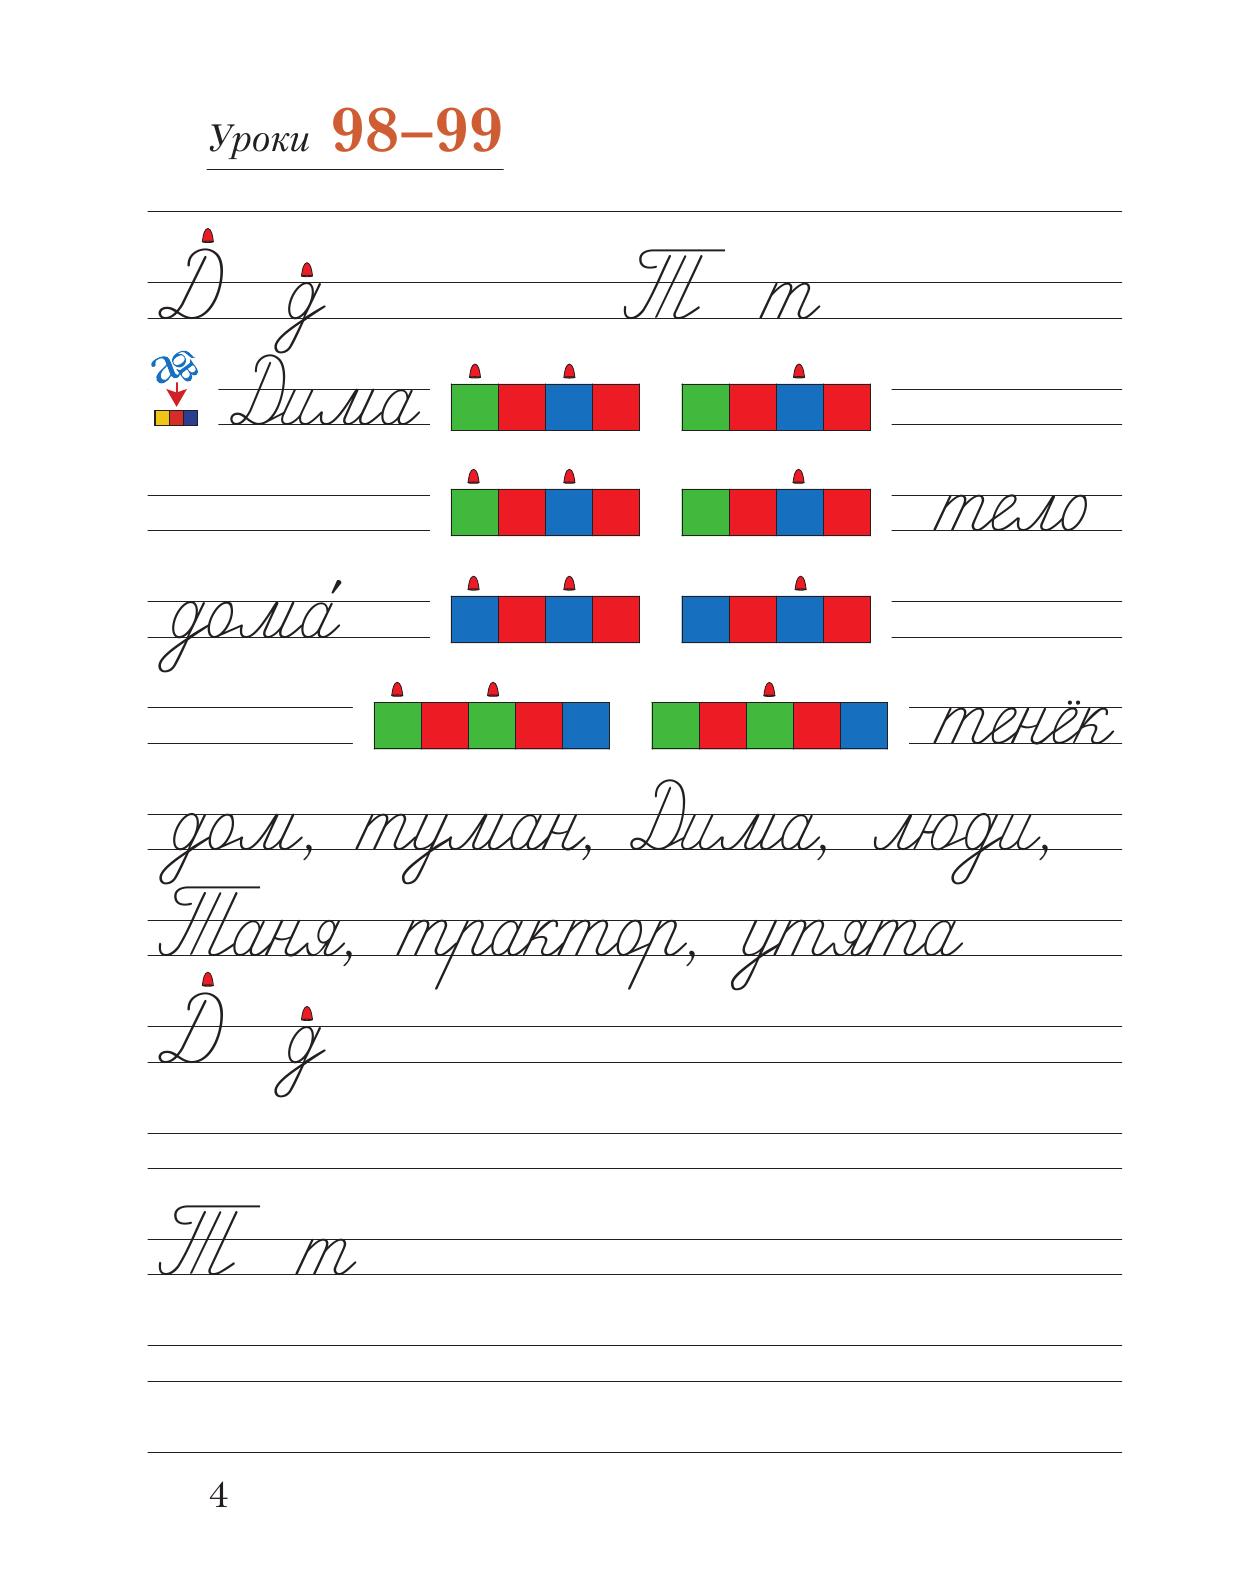 Кузнецова прописи 1 класса как правильно сделать